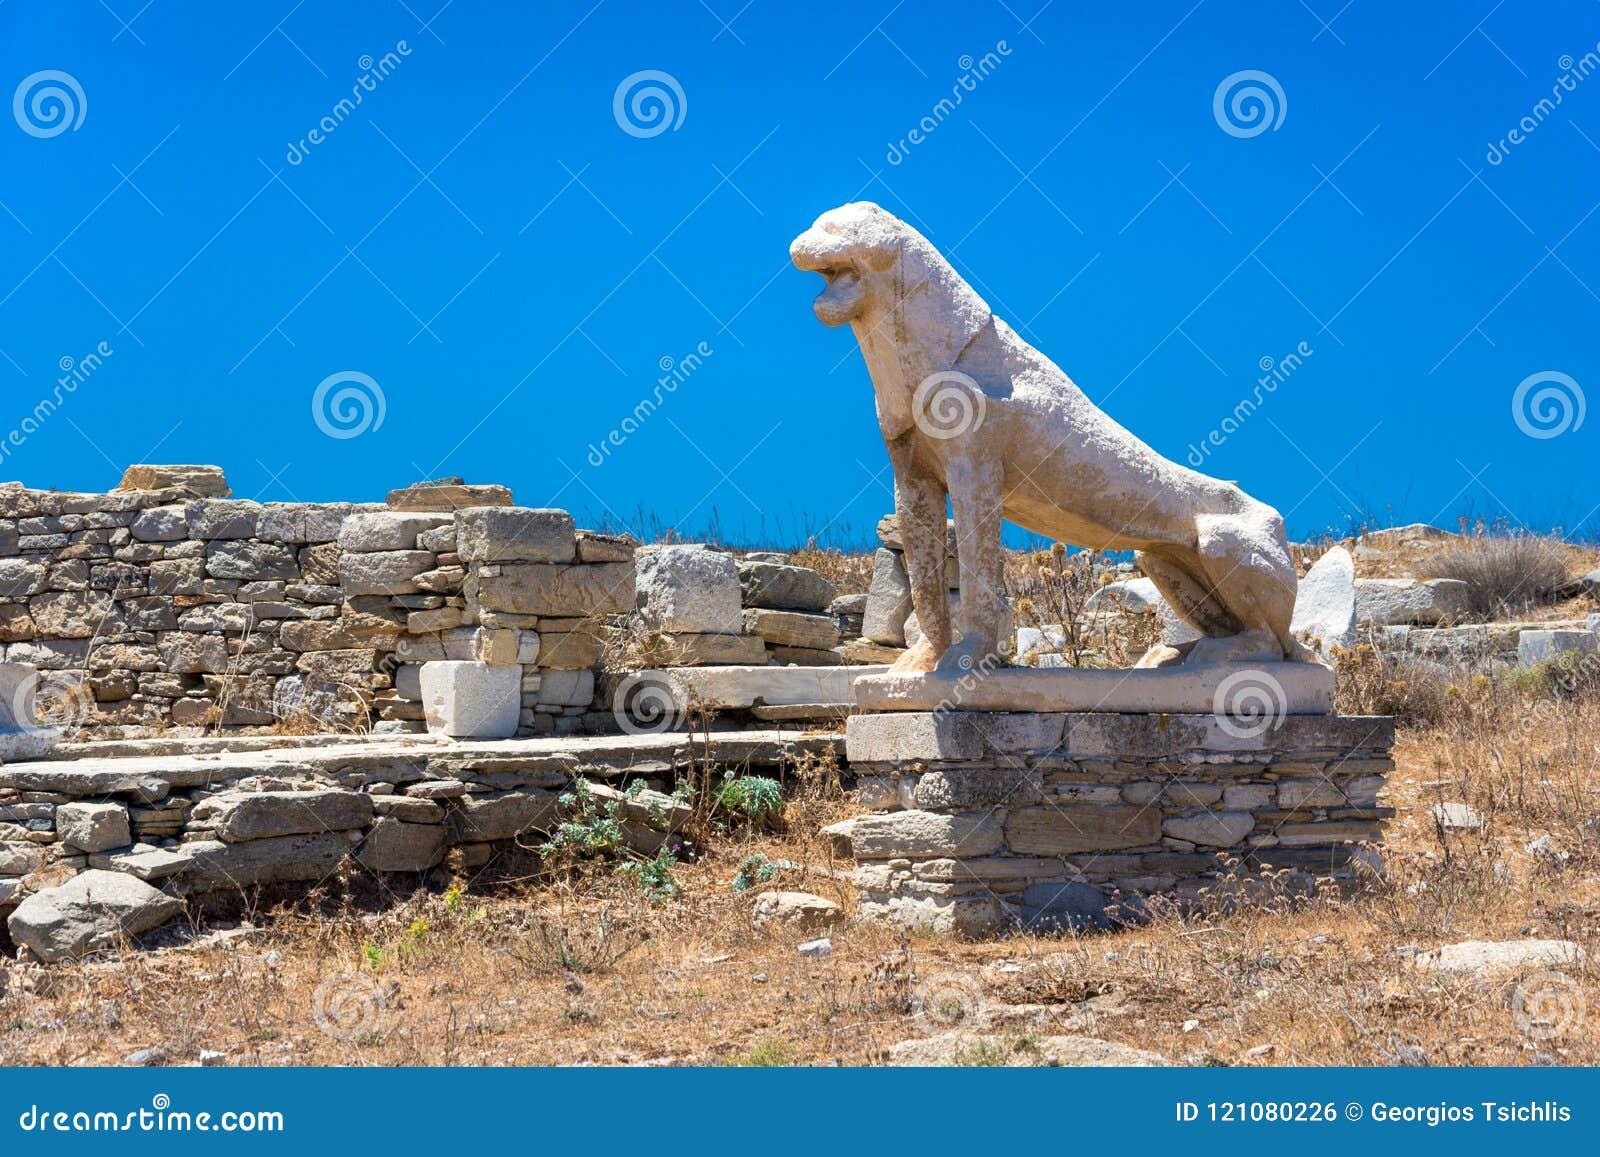 Alte Ruinen in der Insel von Delos in den Kykladen, eine der wichtigsten mythologischen, historischen und archäologischen Fundstä